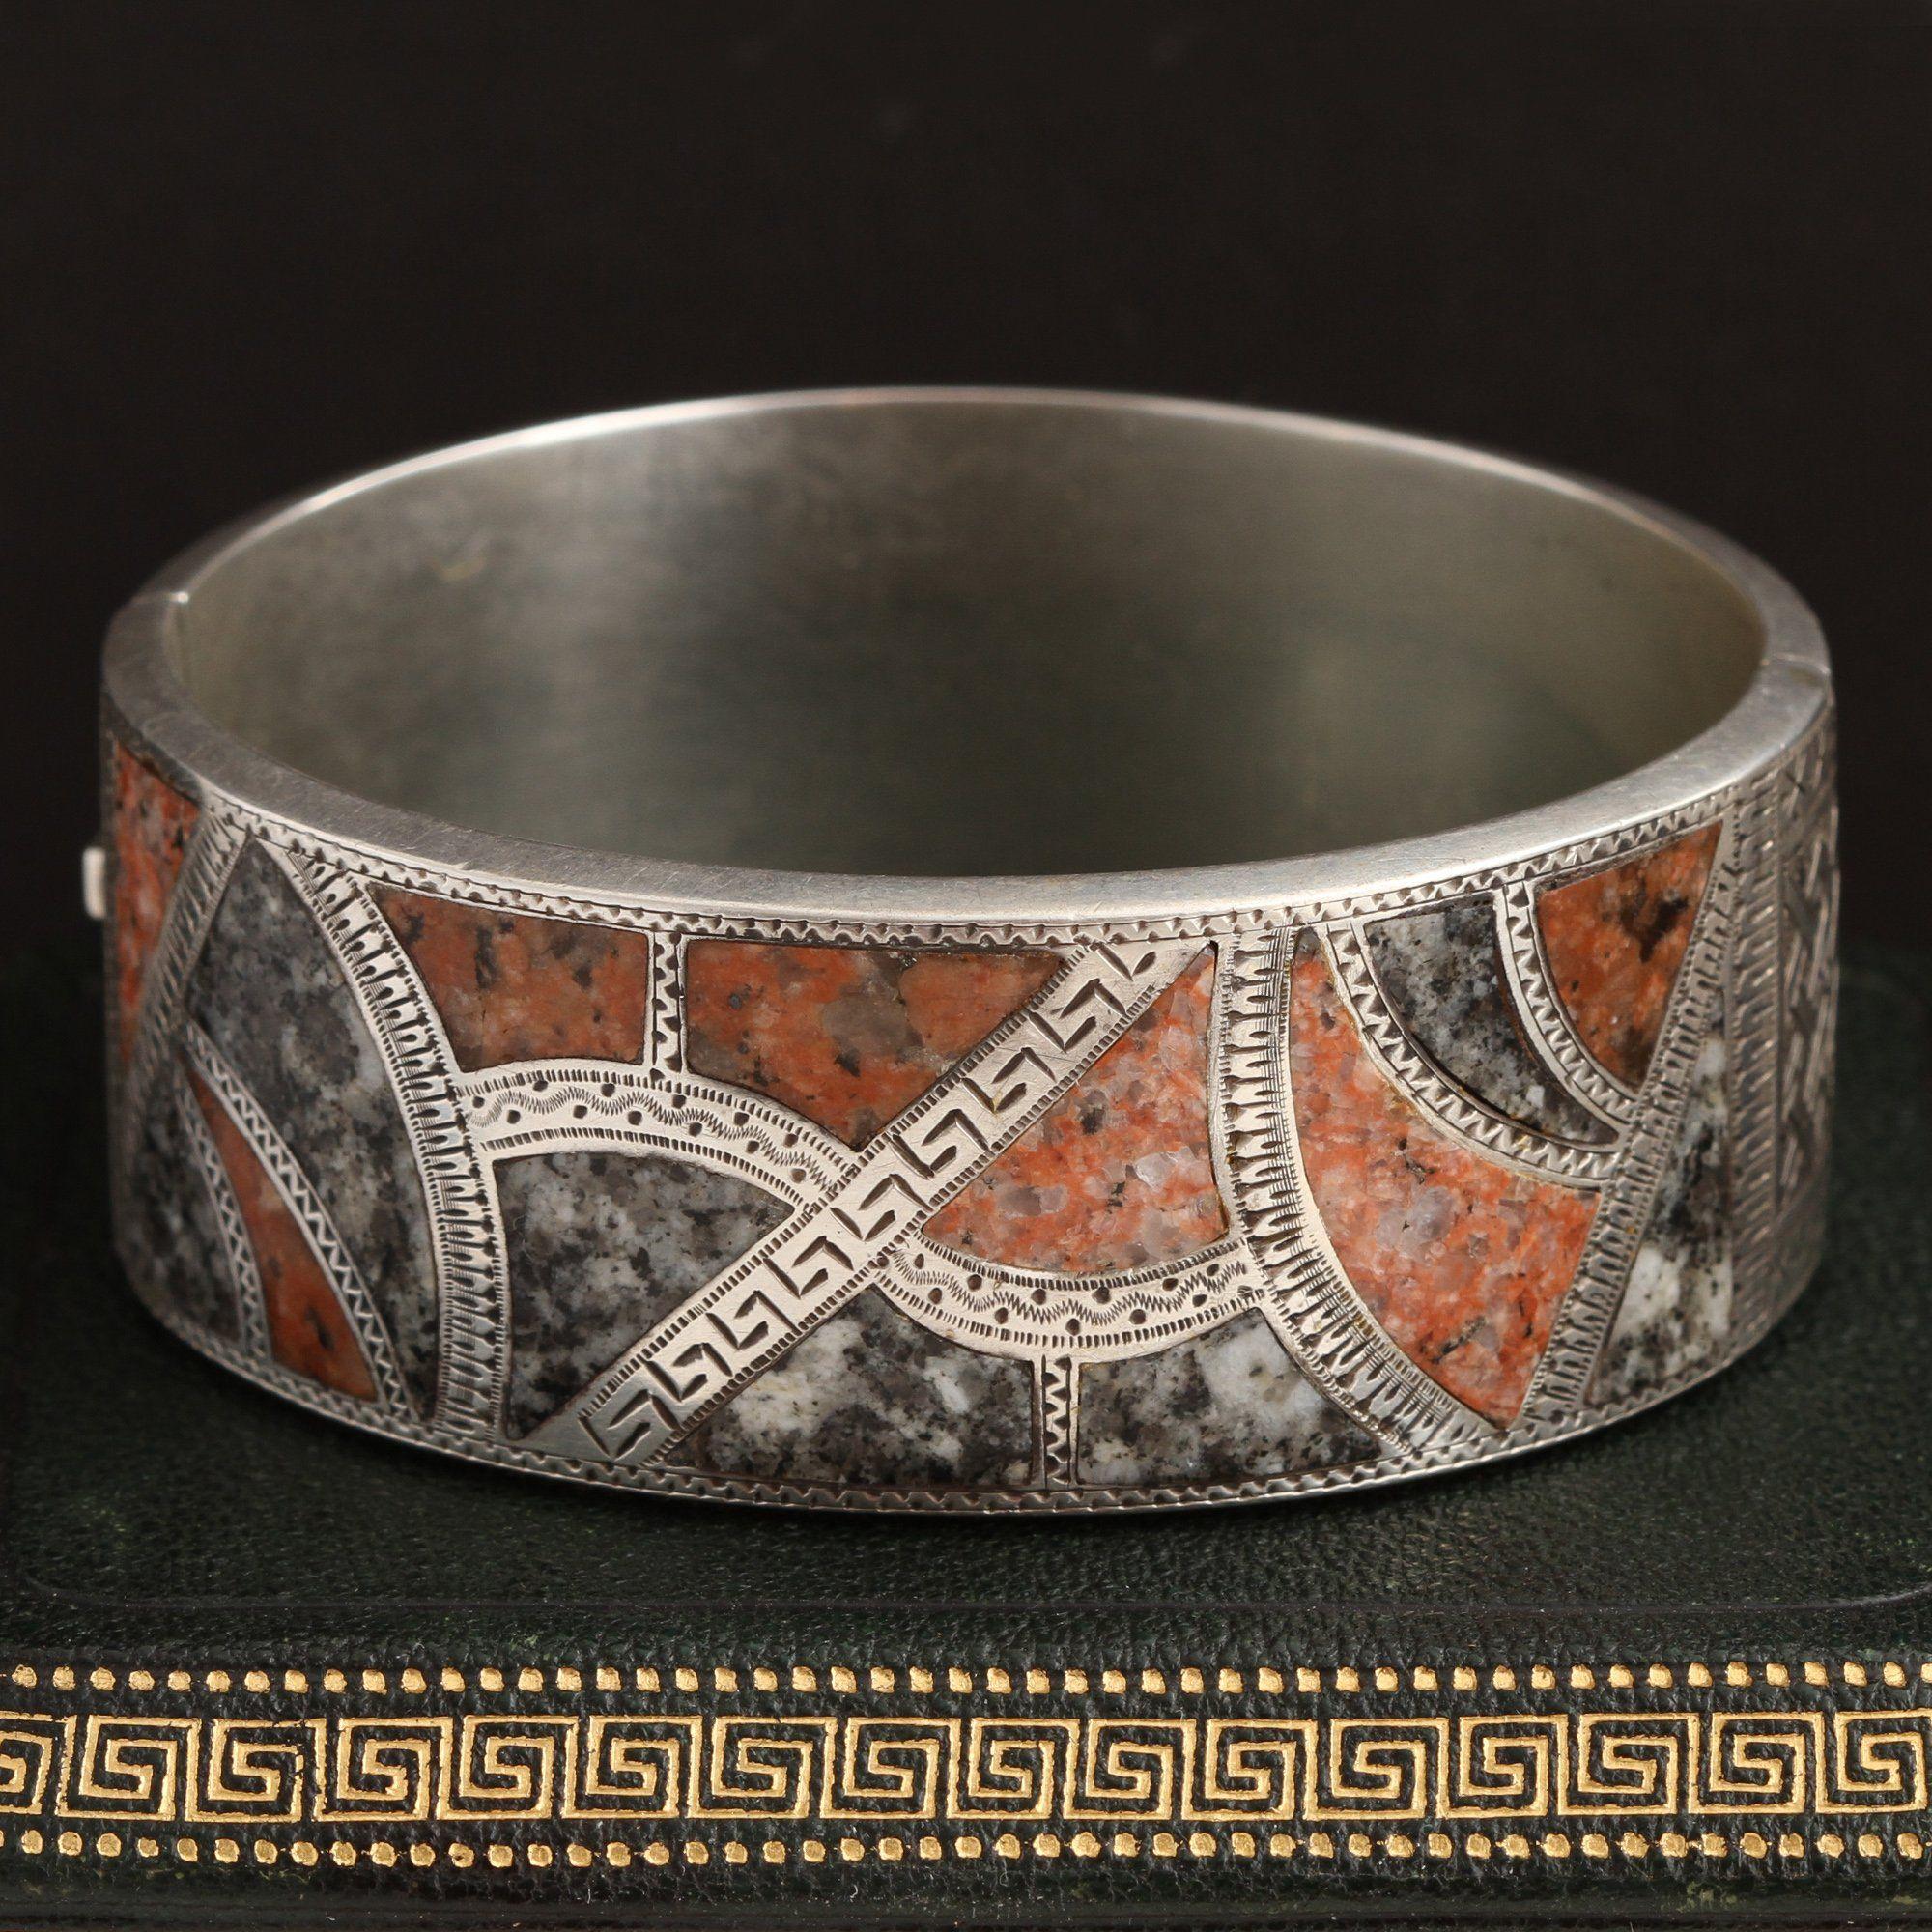 Aesthetic Aberdeen Granite Bracelet